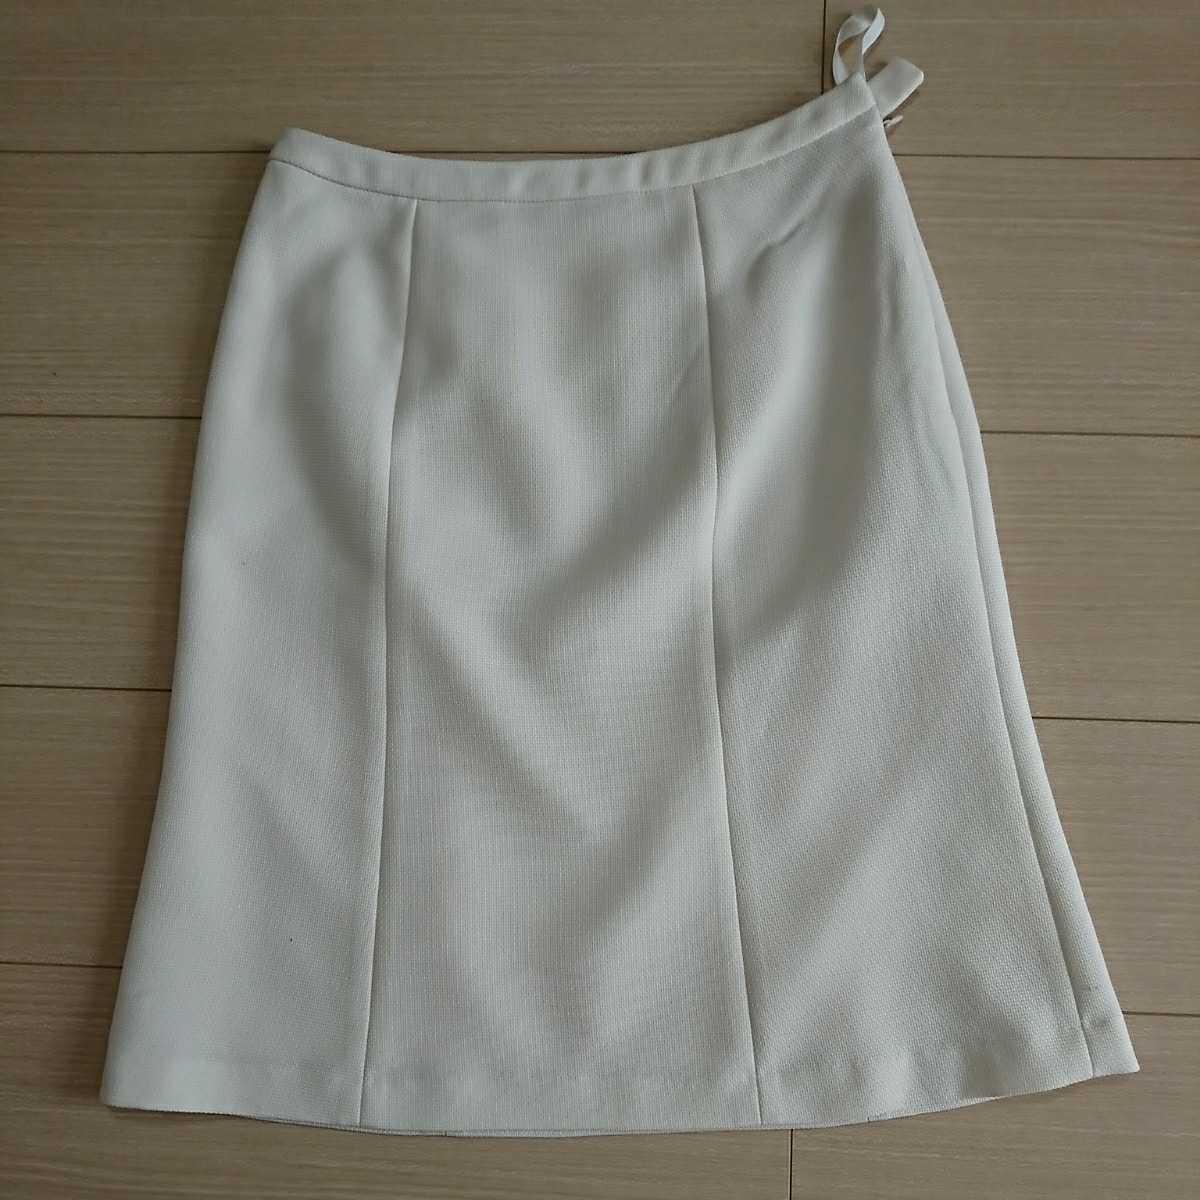 送料込み フォーマルスーツ 7号 アイボリー ジャケット スカート ベージュ シフォン ワンピース 3点セット 入学式 七五三 結婚式 クーポン_画像3